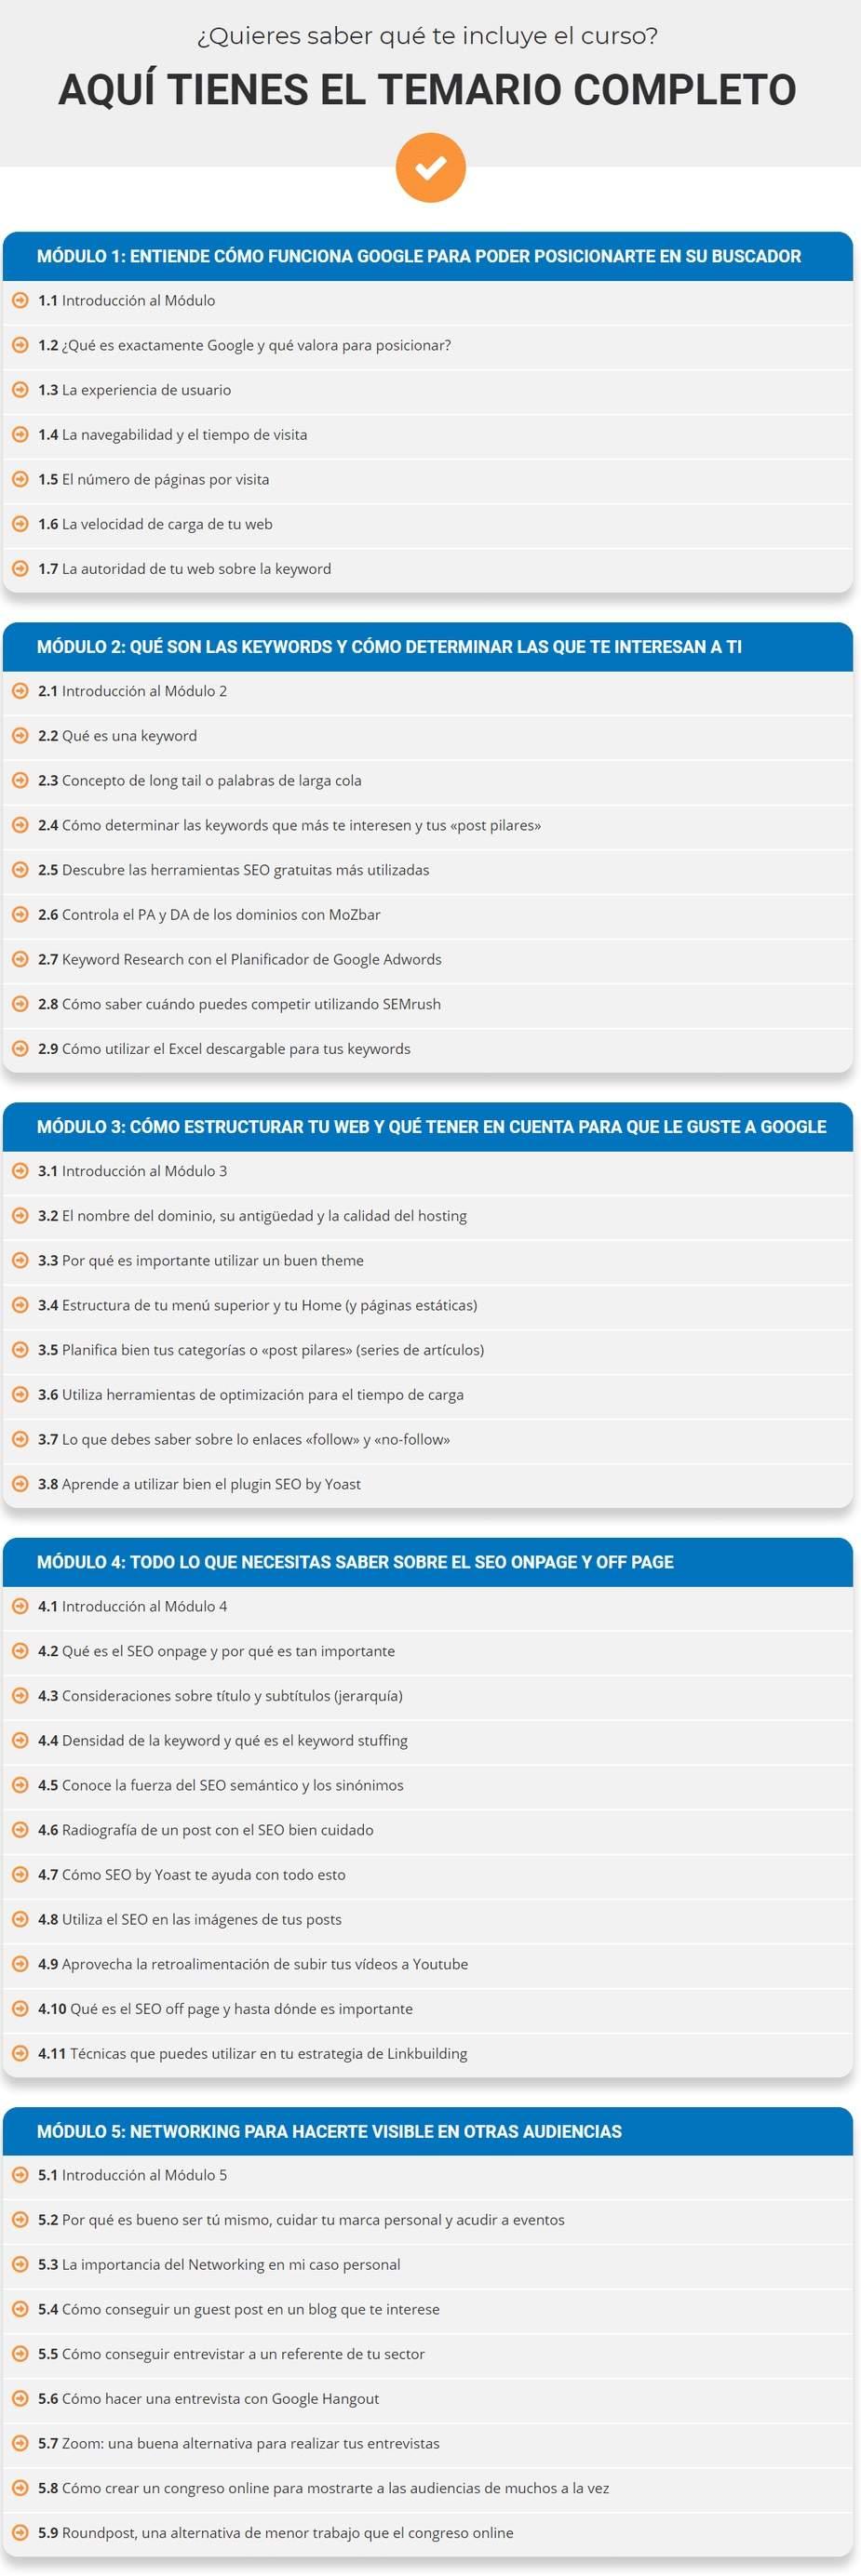 aumenta tu visibilidad, omar de la fuente, curso de seo, curso de romuald fons, curso de seo y posicionamiento en google, curso de seo gratis, posicionamiento seo, posicionamiento Web, tecnicas de seo, palabras claves, consejos y trucos de seo, seo copywriting, redacción seo, experto seo, aprender seo, trafico web, como llevar trafico a mi web, mejorar posicionamiento en google, generar trafico web, aumentar visitas blog, generar trafico web rapidamente, generar trafico web, mas trafico del sitio web, atraer trafico a la web, trafico web de calidad, programa aumentar visitas web, semrush, como generar trafico en facebook, trafico en redes sociales, obtener trafico web, trafico organico,